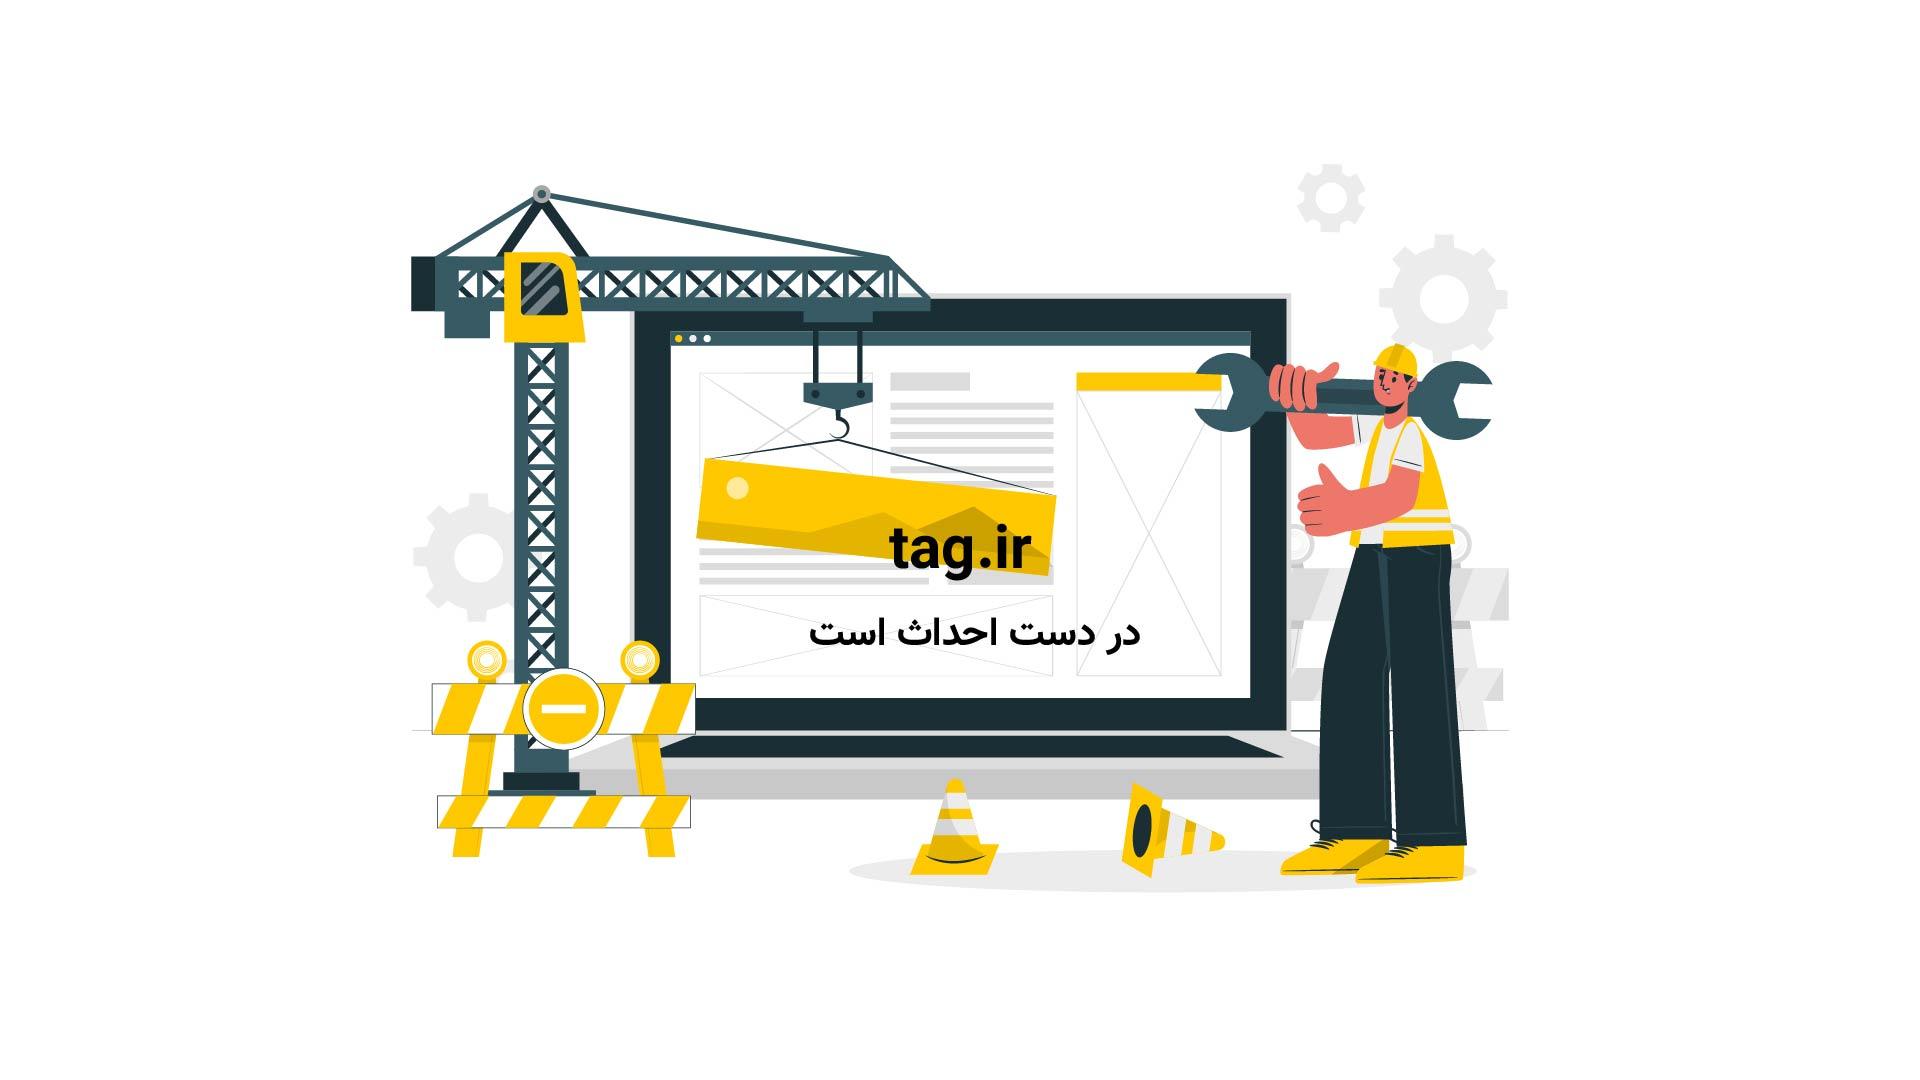 فیلم کامل ترور سفیر روسیه توسط محافظ نمایشگاه در ترکیه | فیلم